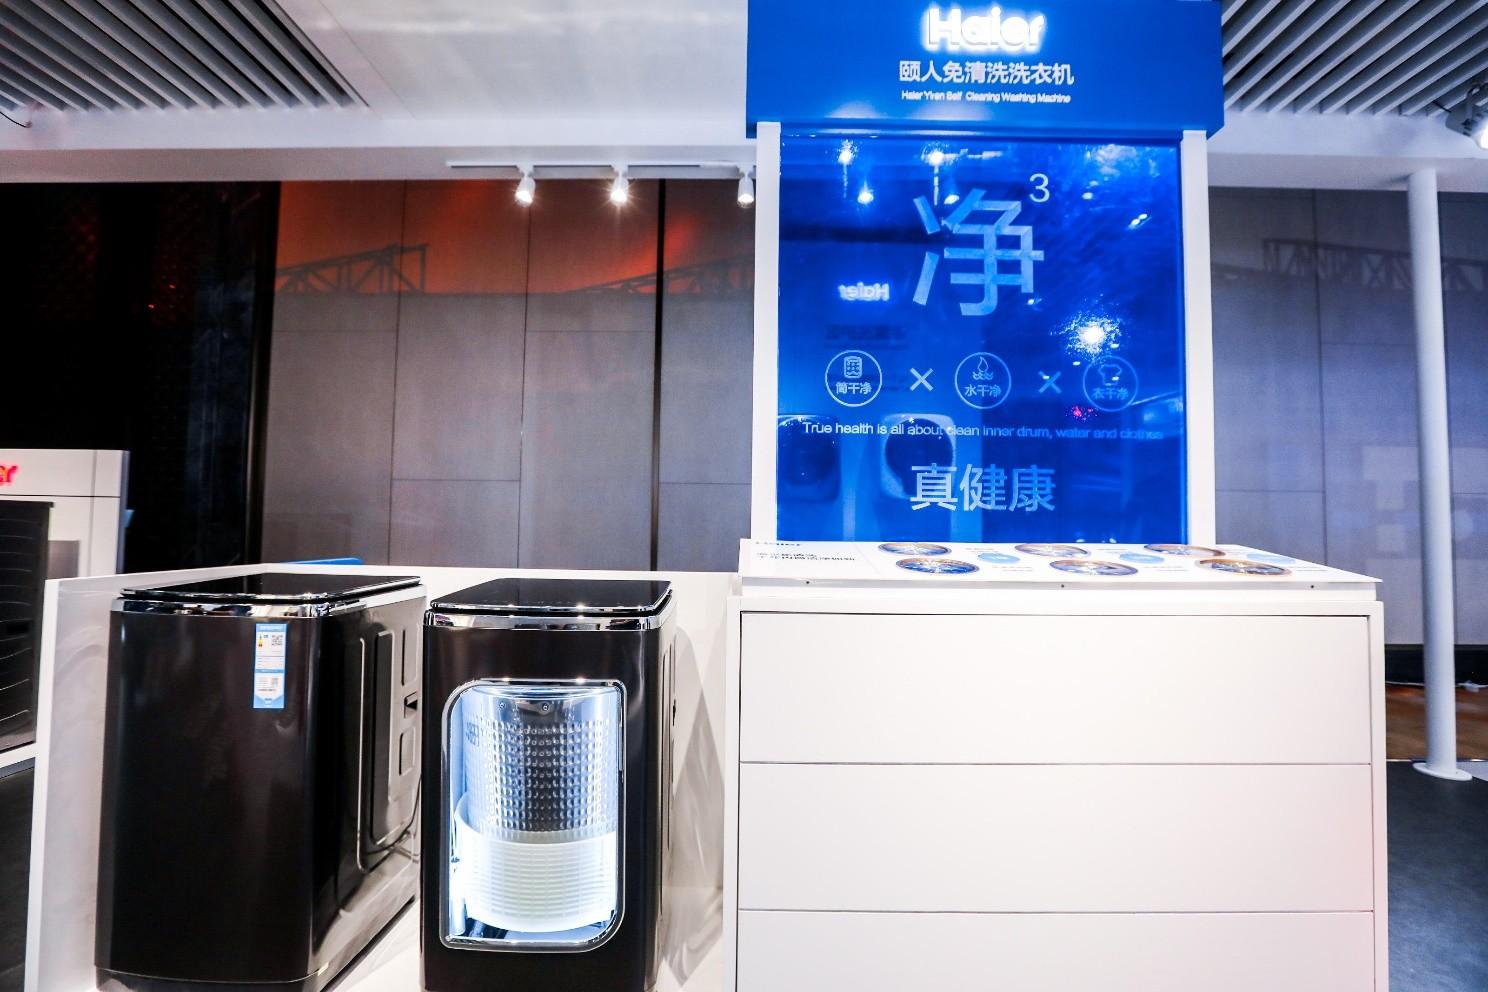 三伏天卫生死角细菌多?海尔洗衣机免清洗健康无死角